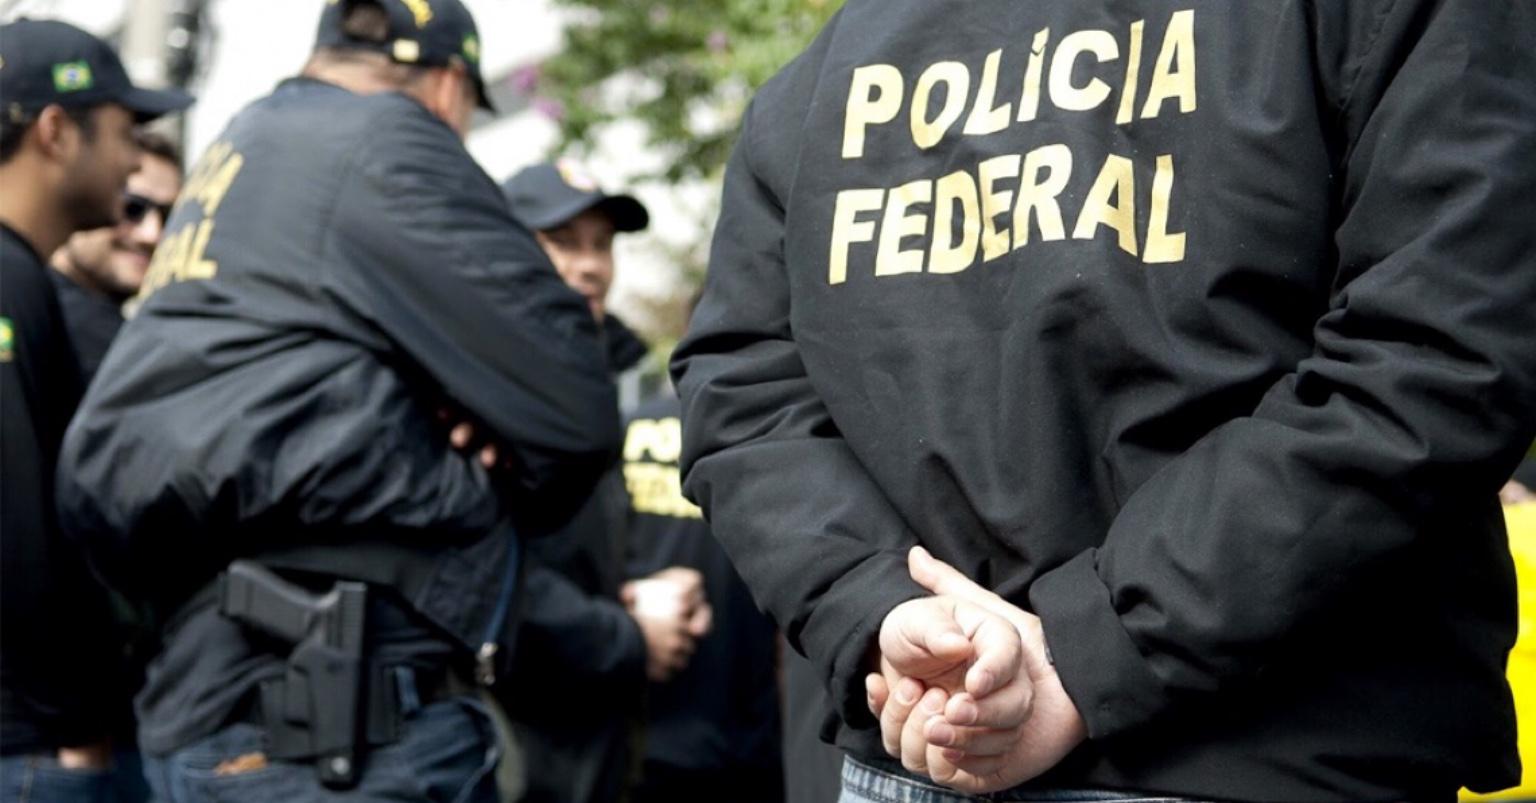 Polícia Federal deflagra operação que apura desvio de recursos públicos da educação no Piauí